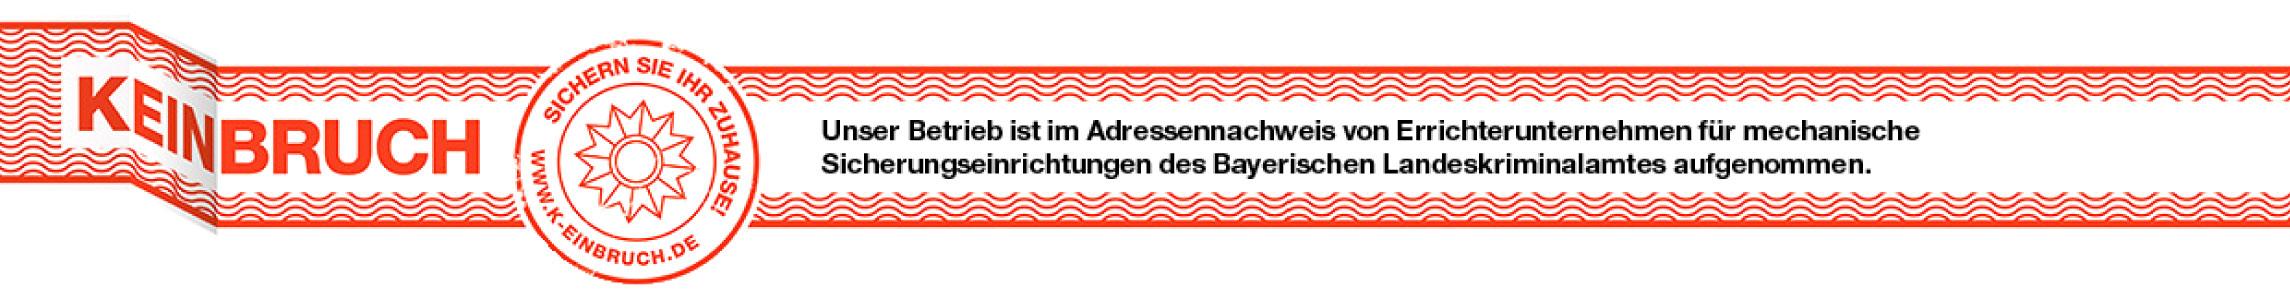 keinbruch_siegel_schreinereimerz